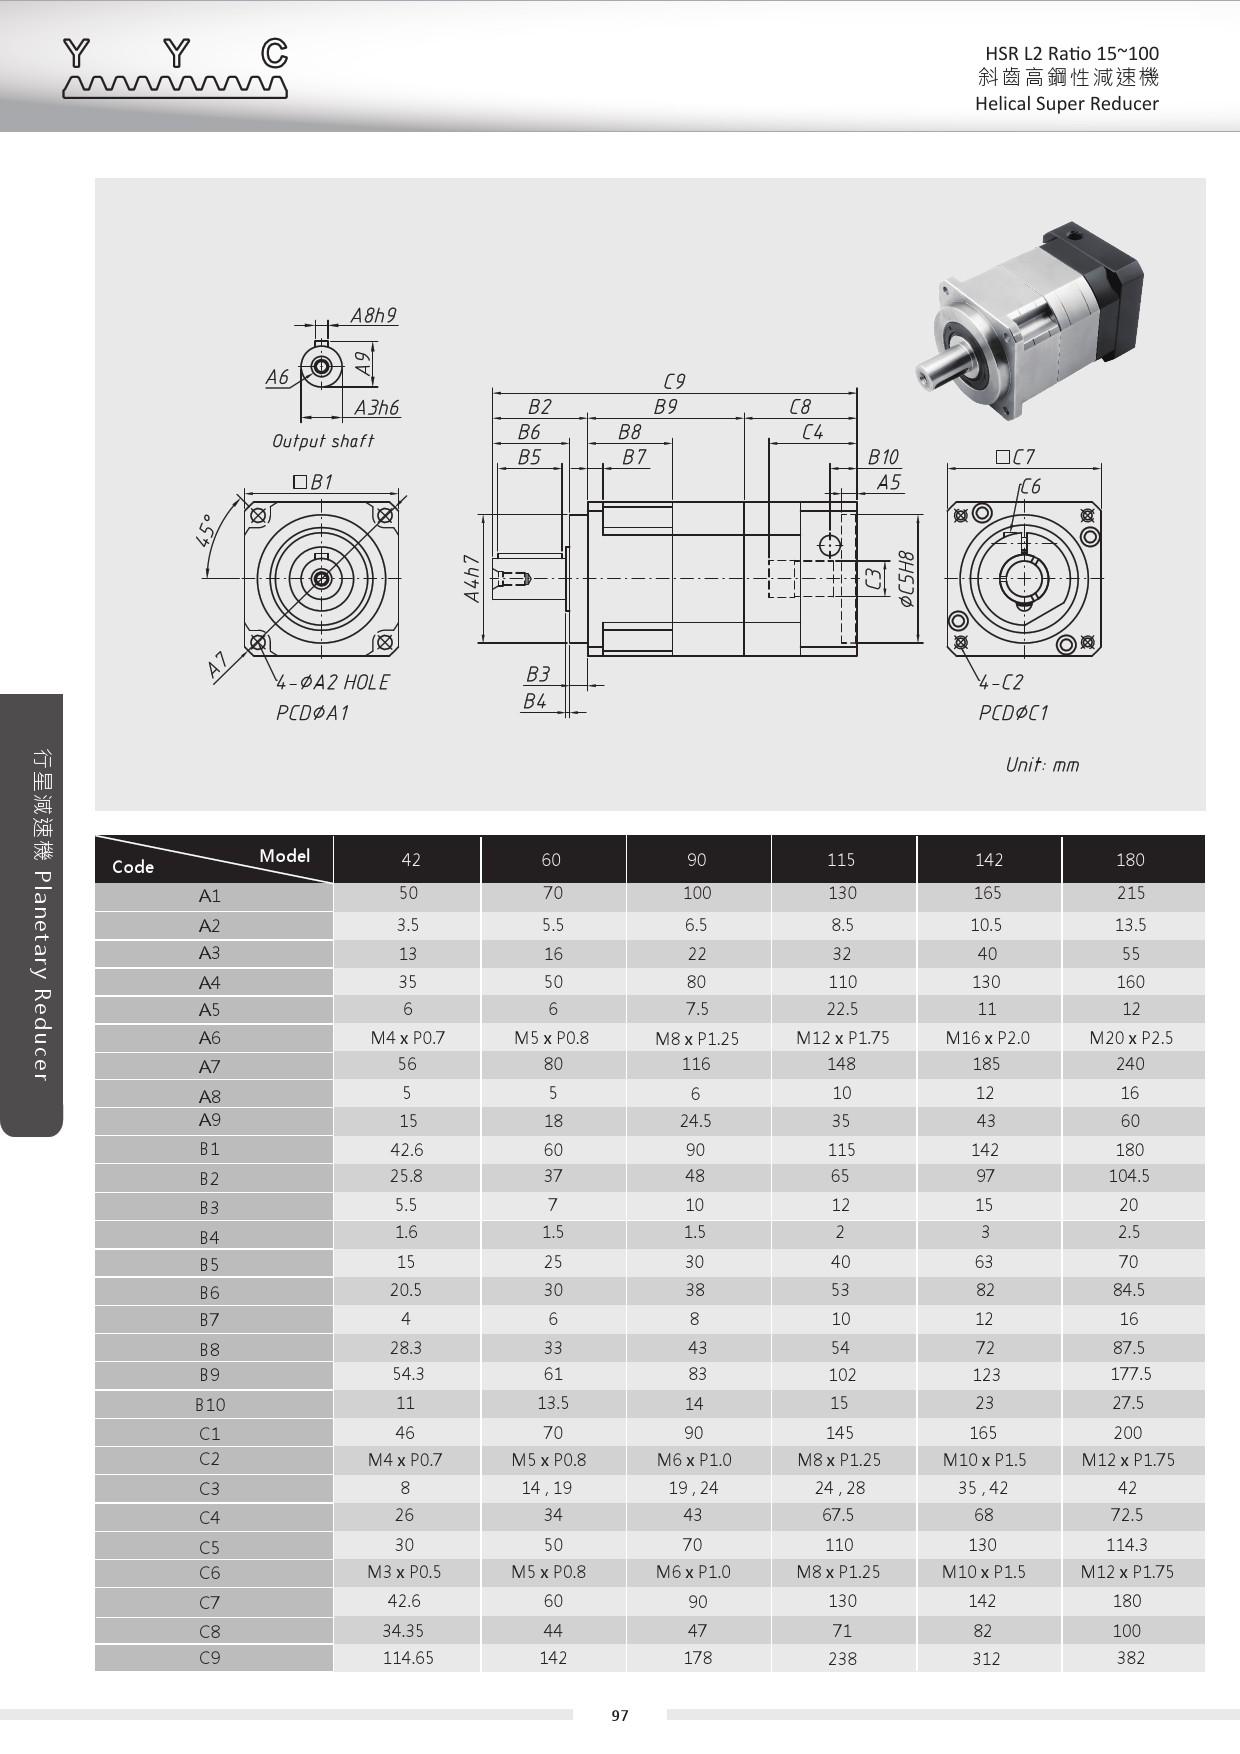 HSR L2 斜齒高鋼性減速機